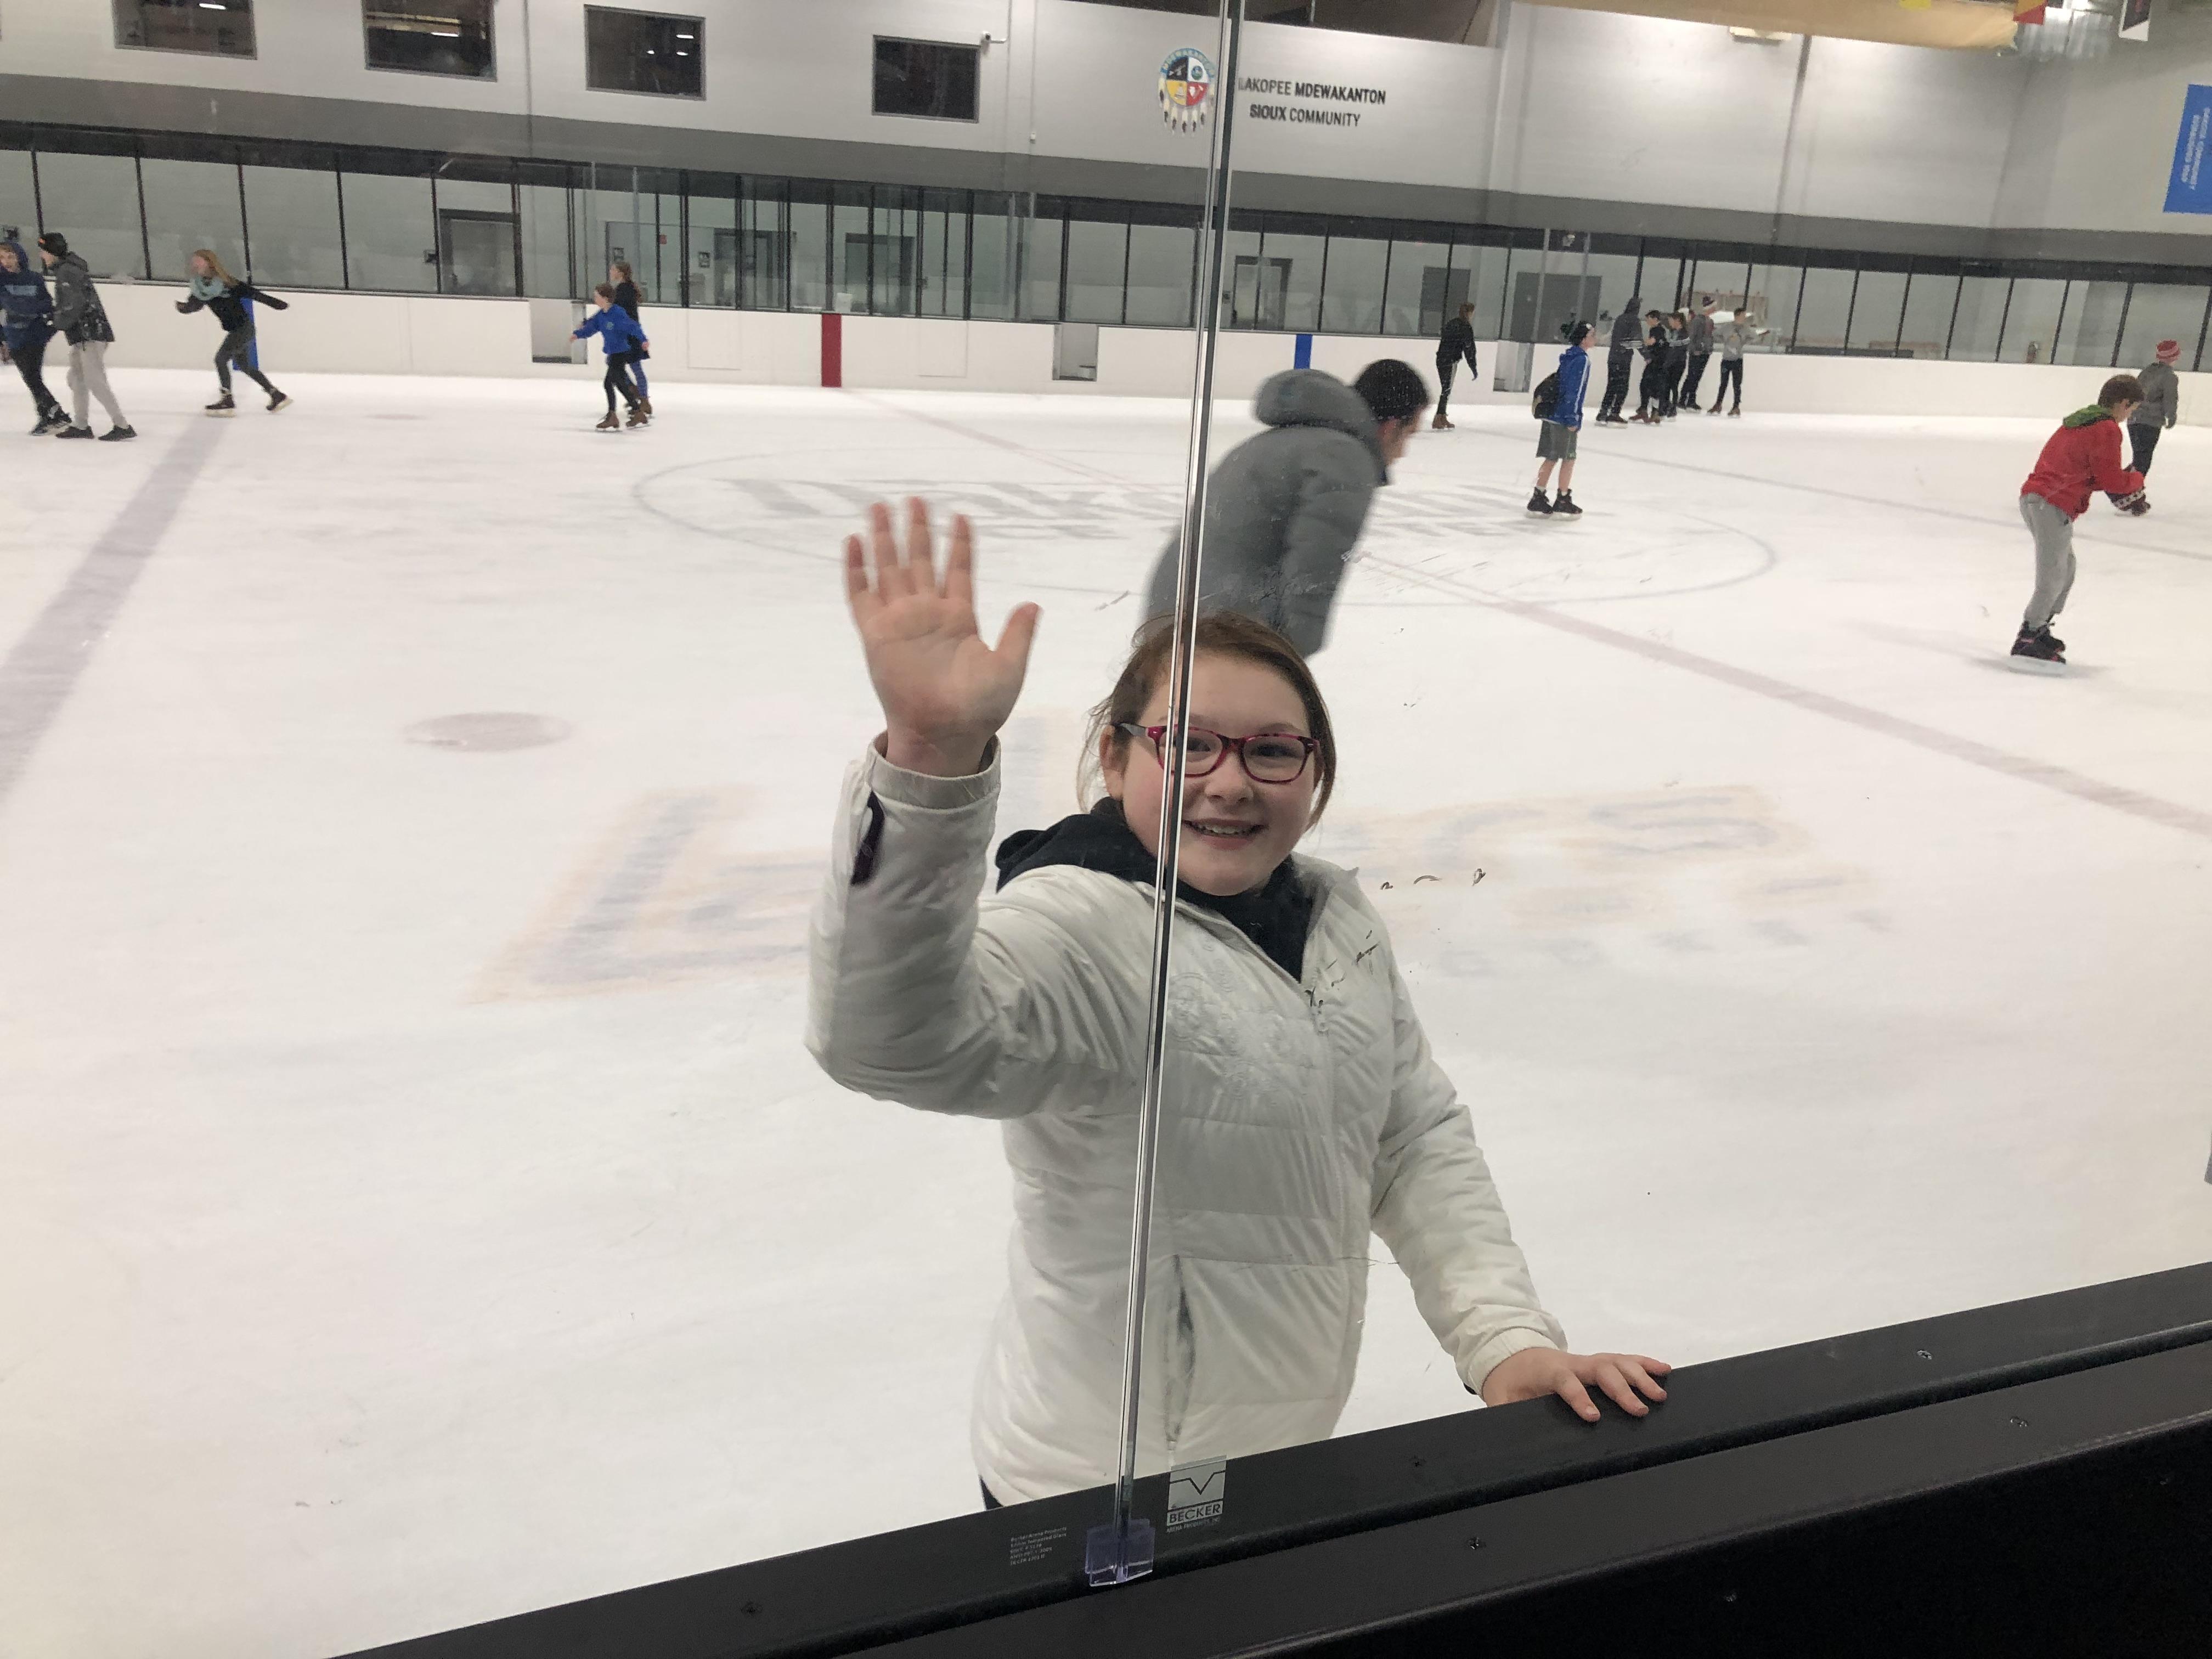 skating at mm 3